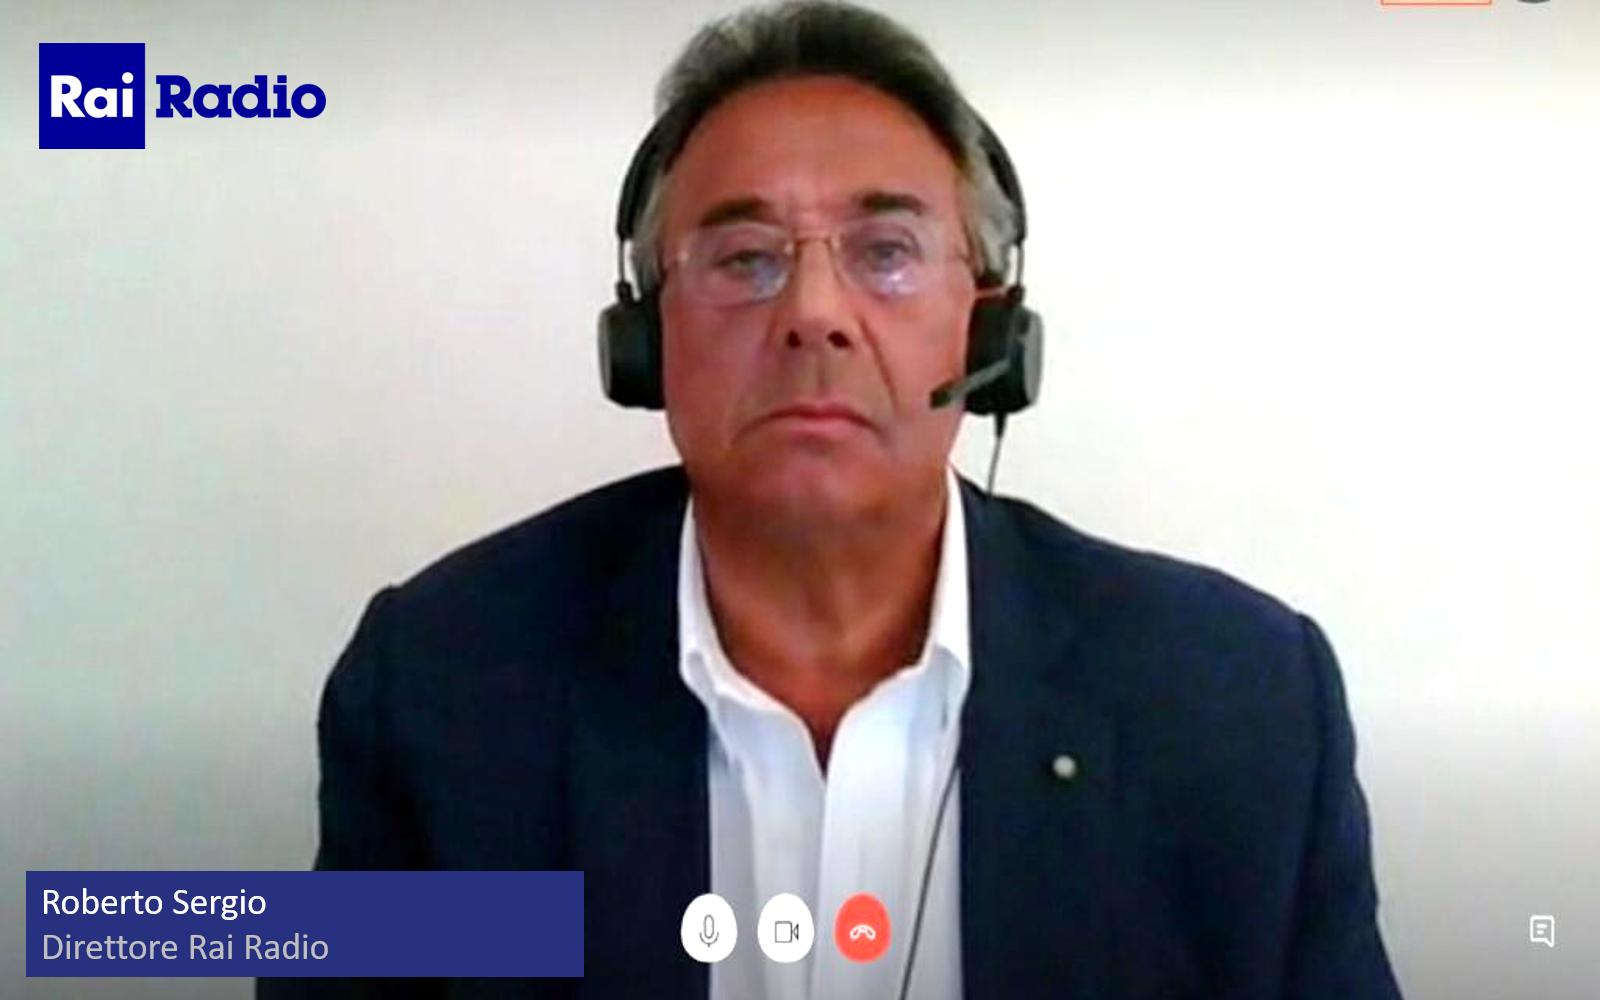 Roberto Sergio - Radio. Roberto Sergio (RAI): TER utilizza metodo antico come telegrafo. Ma a qualcuno sta bene così. Ascolto digitale forse > 30%. Campagna Radio 2 HBBTV